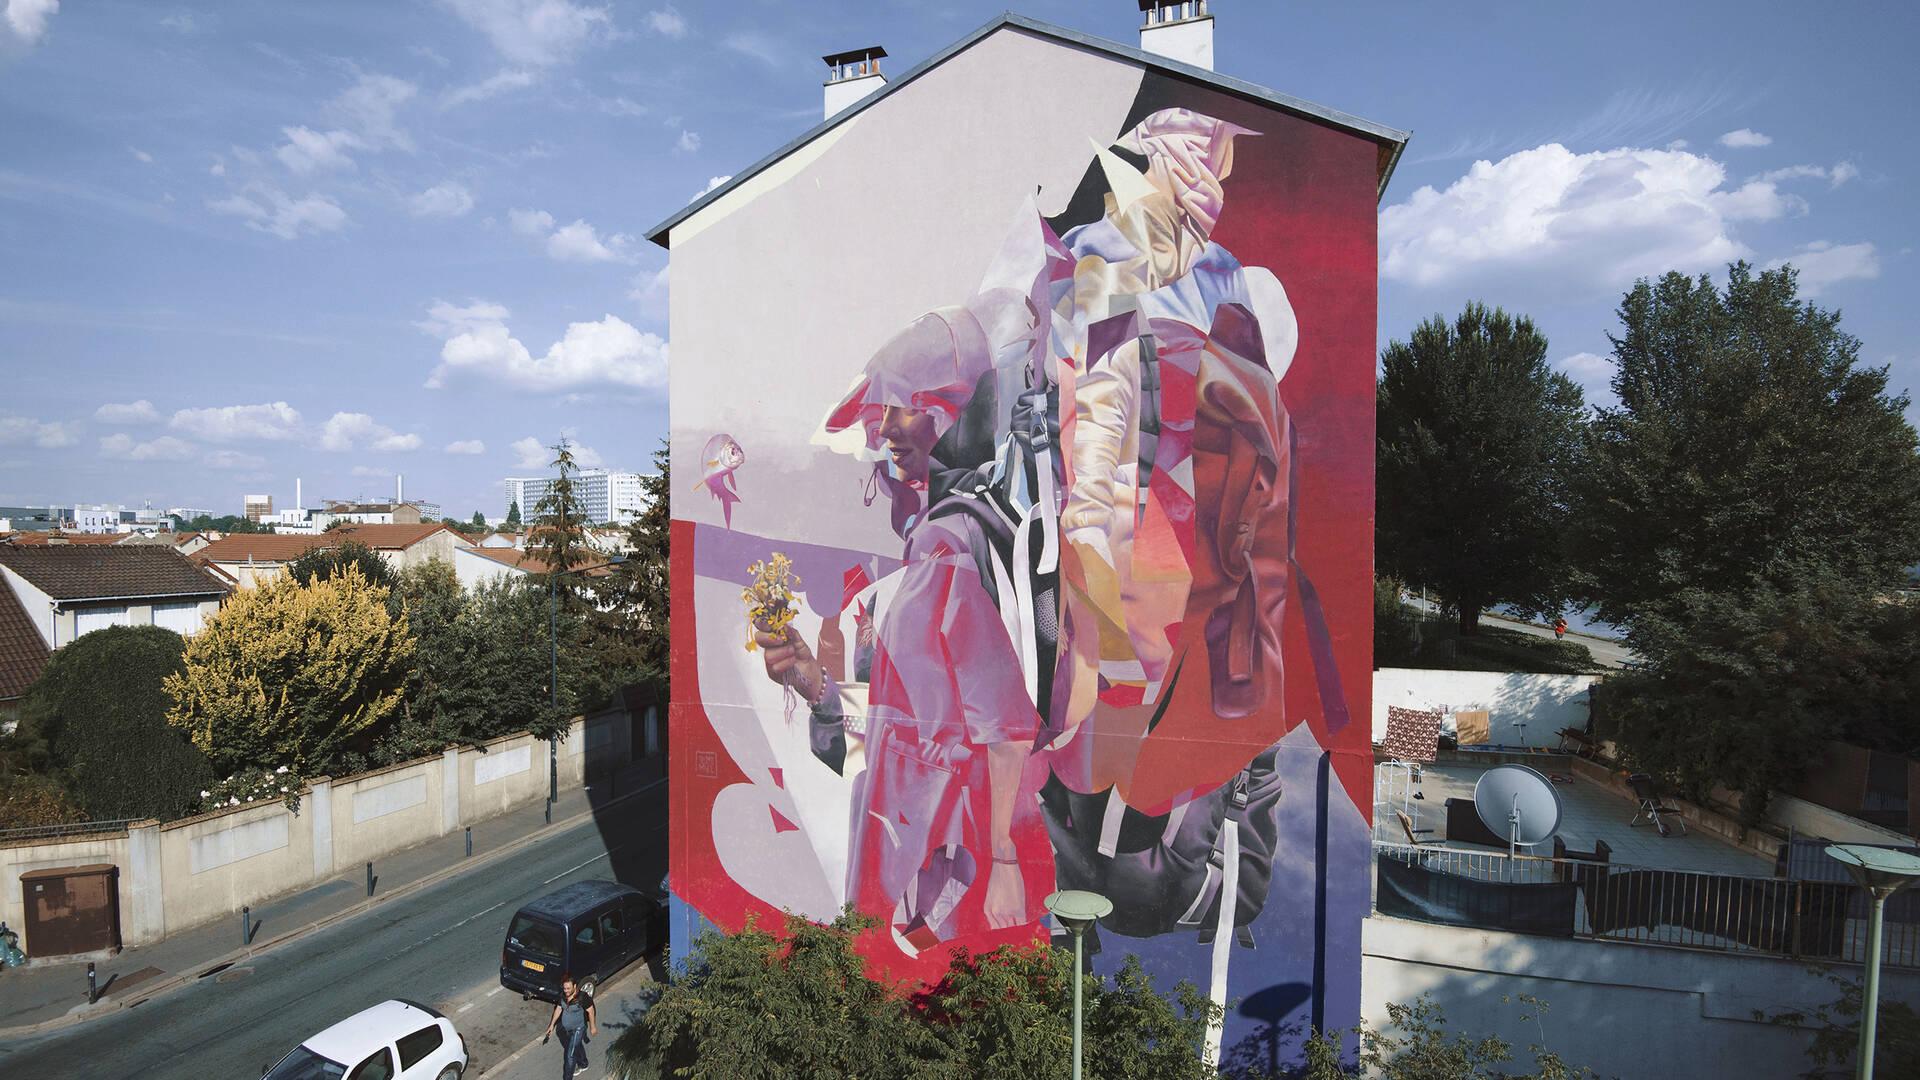 telmo-miel-street-art-avenue-saison-3-tourisme-seine-saint-denis-plaine-commune-grand-paris-nord